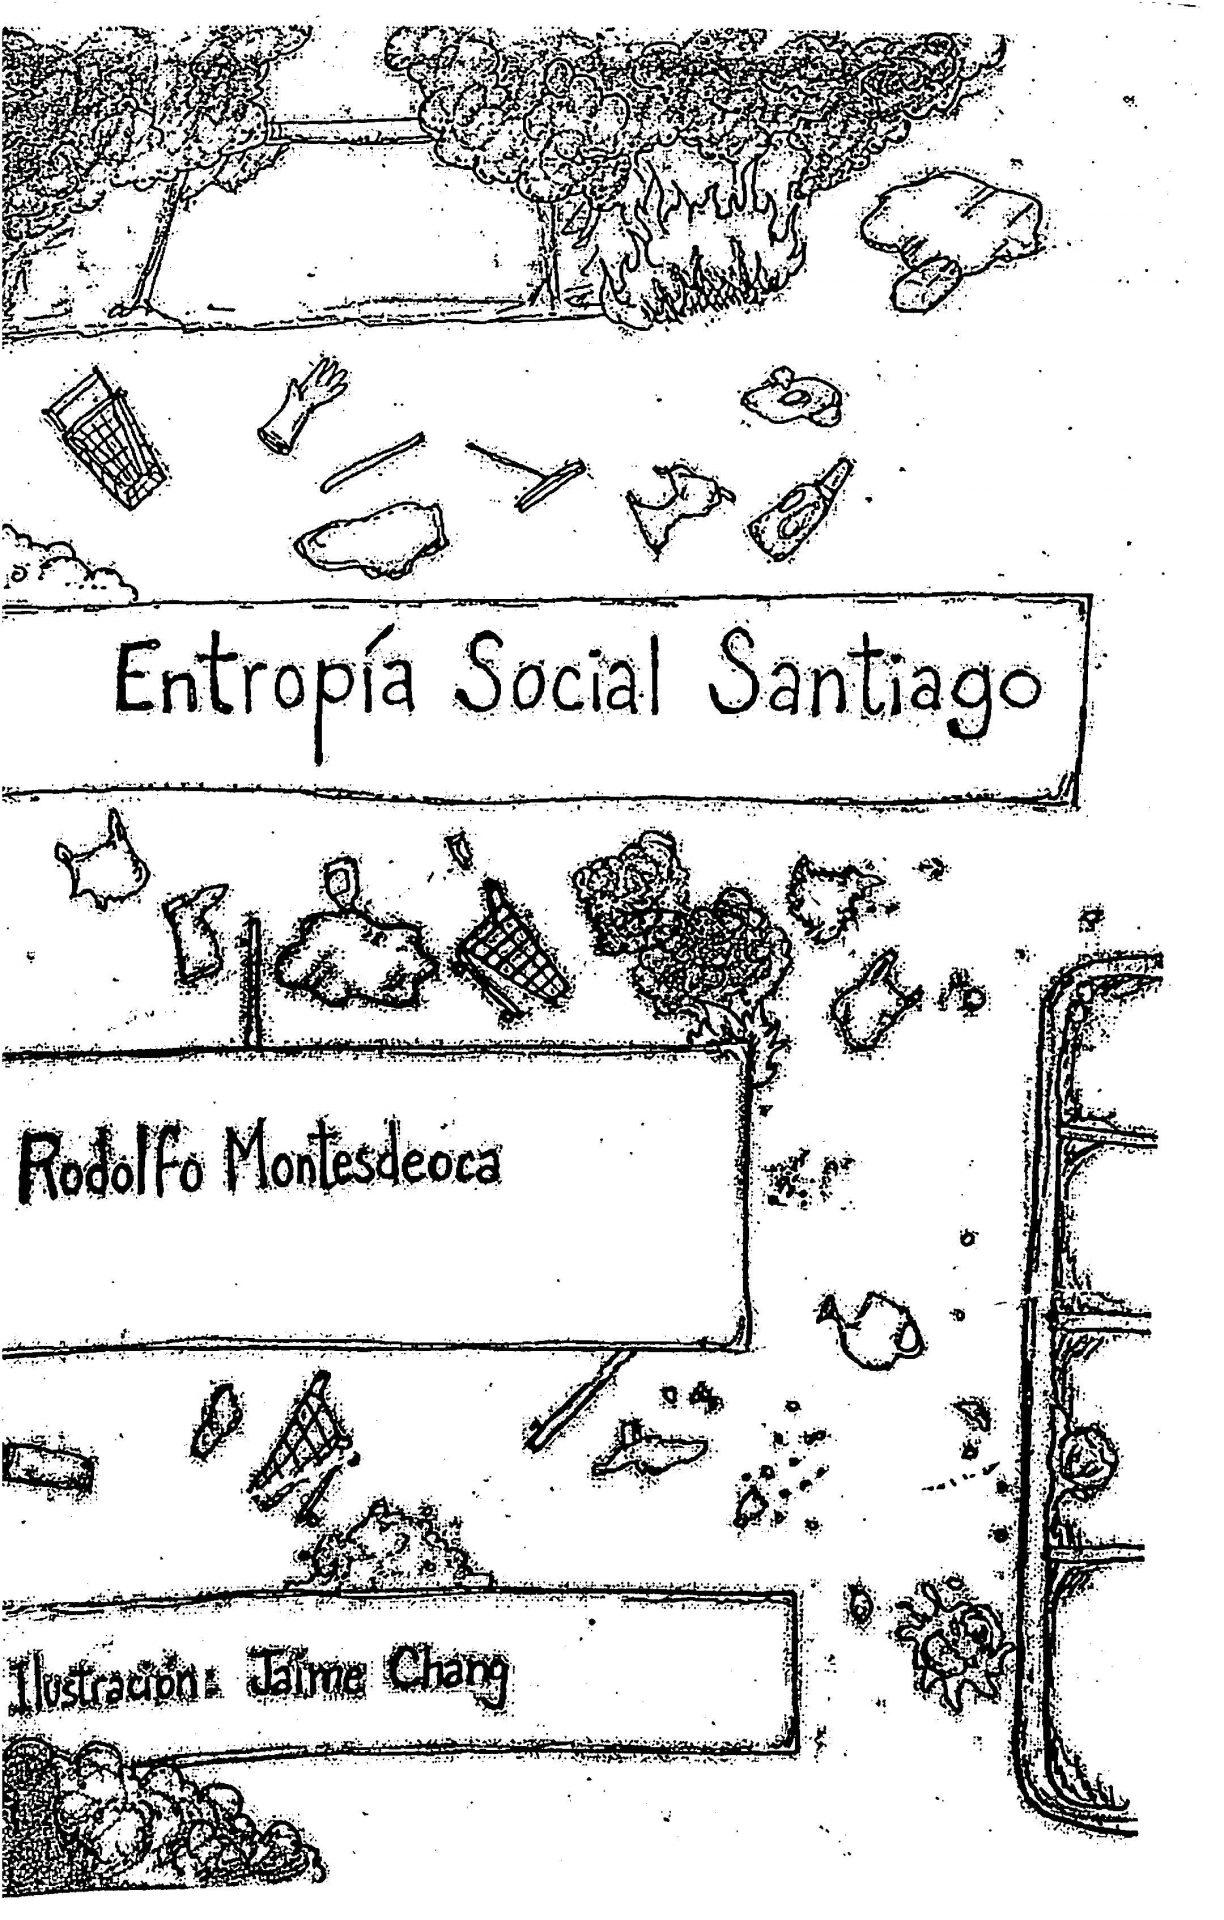 Entropía Social Santiago